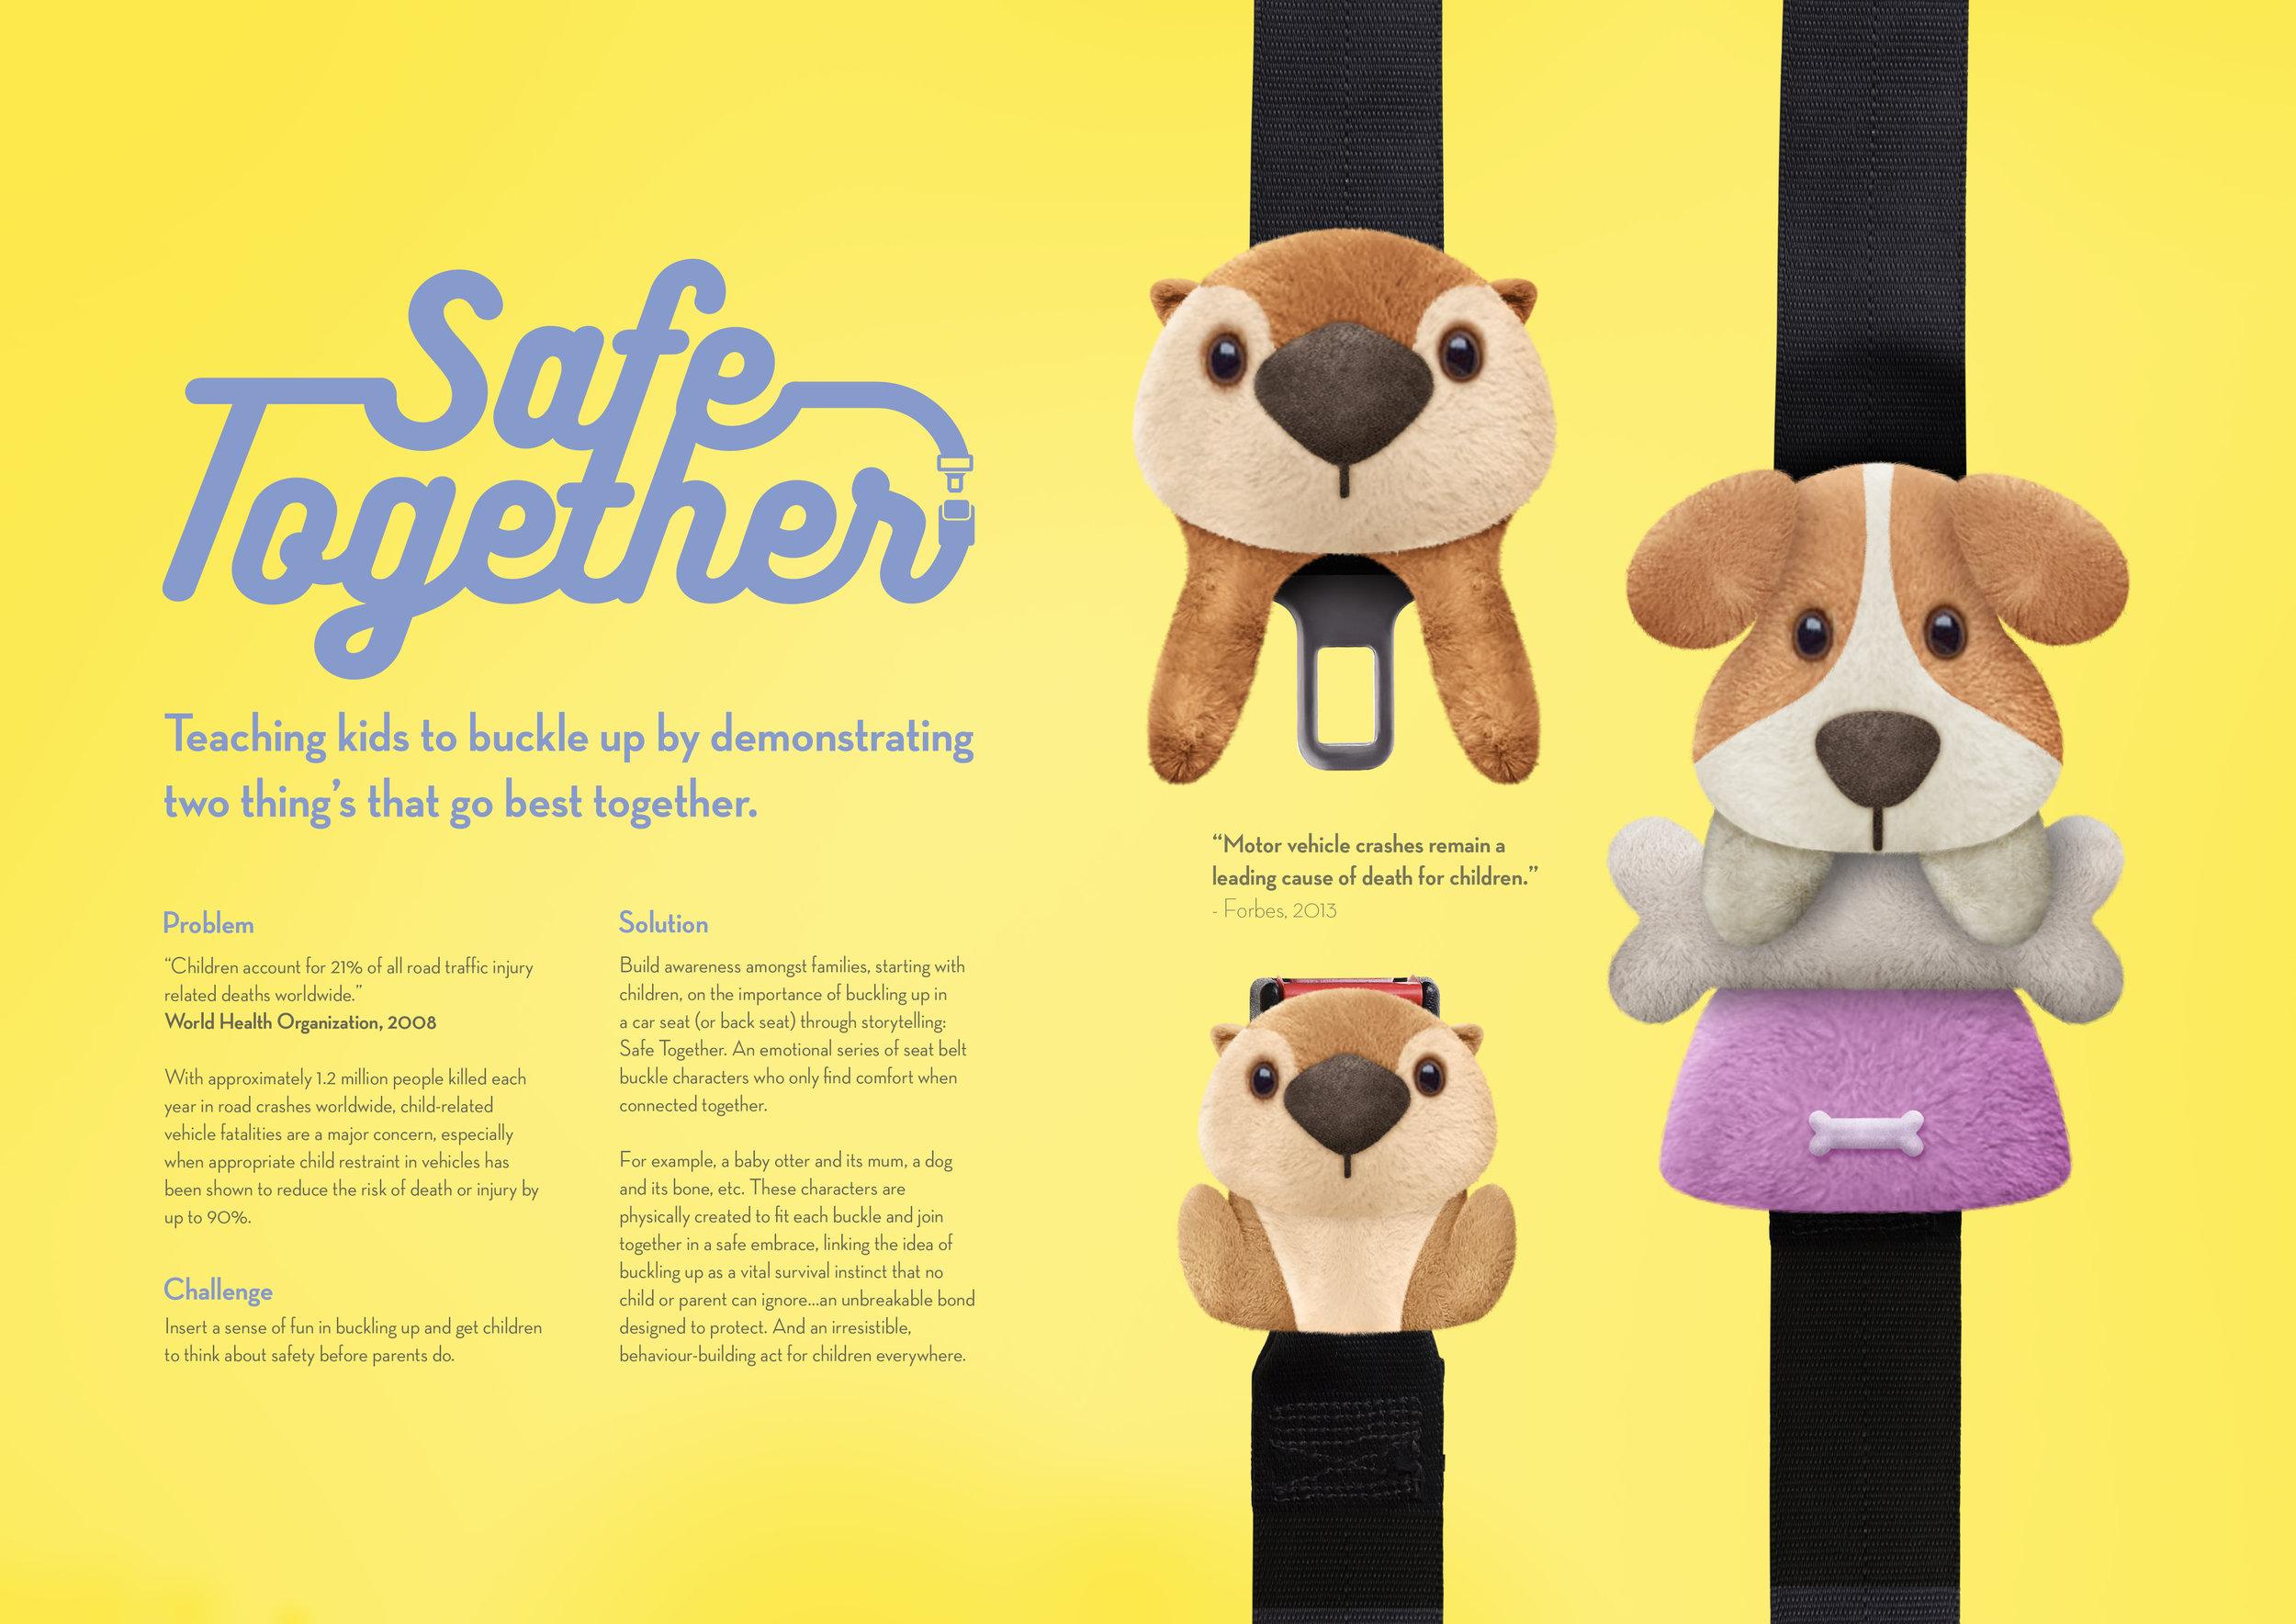 safer together 2017.jpg